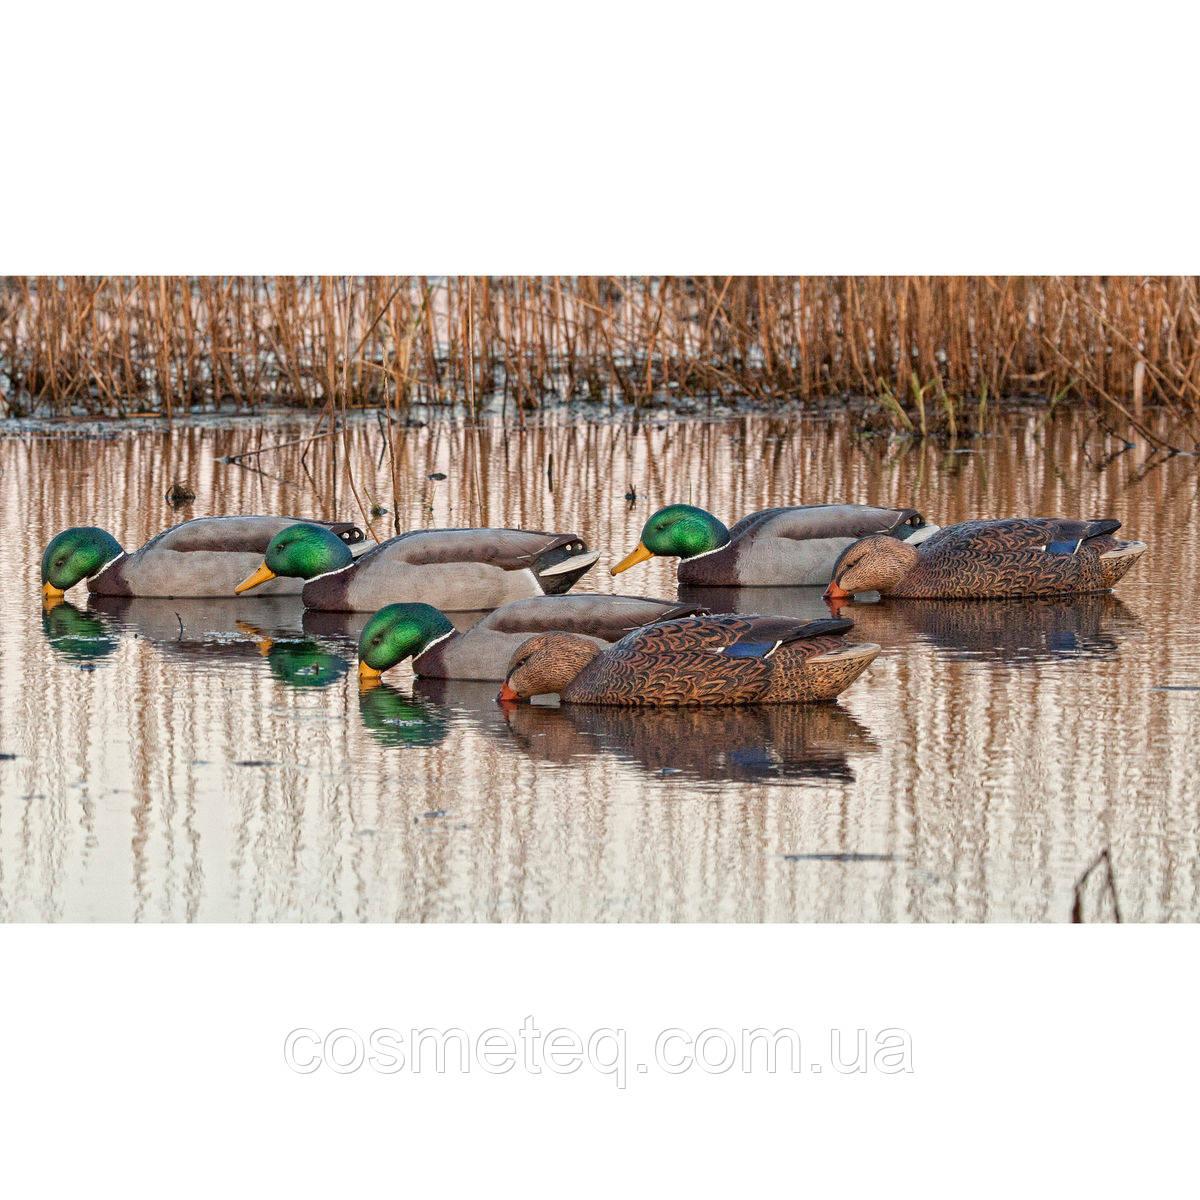 Утиные чучела плавающие Avian-X Floating Mallard Duck Decoys - Back Water, 6 Pack - Товары из США USSHOP в Херсоне